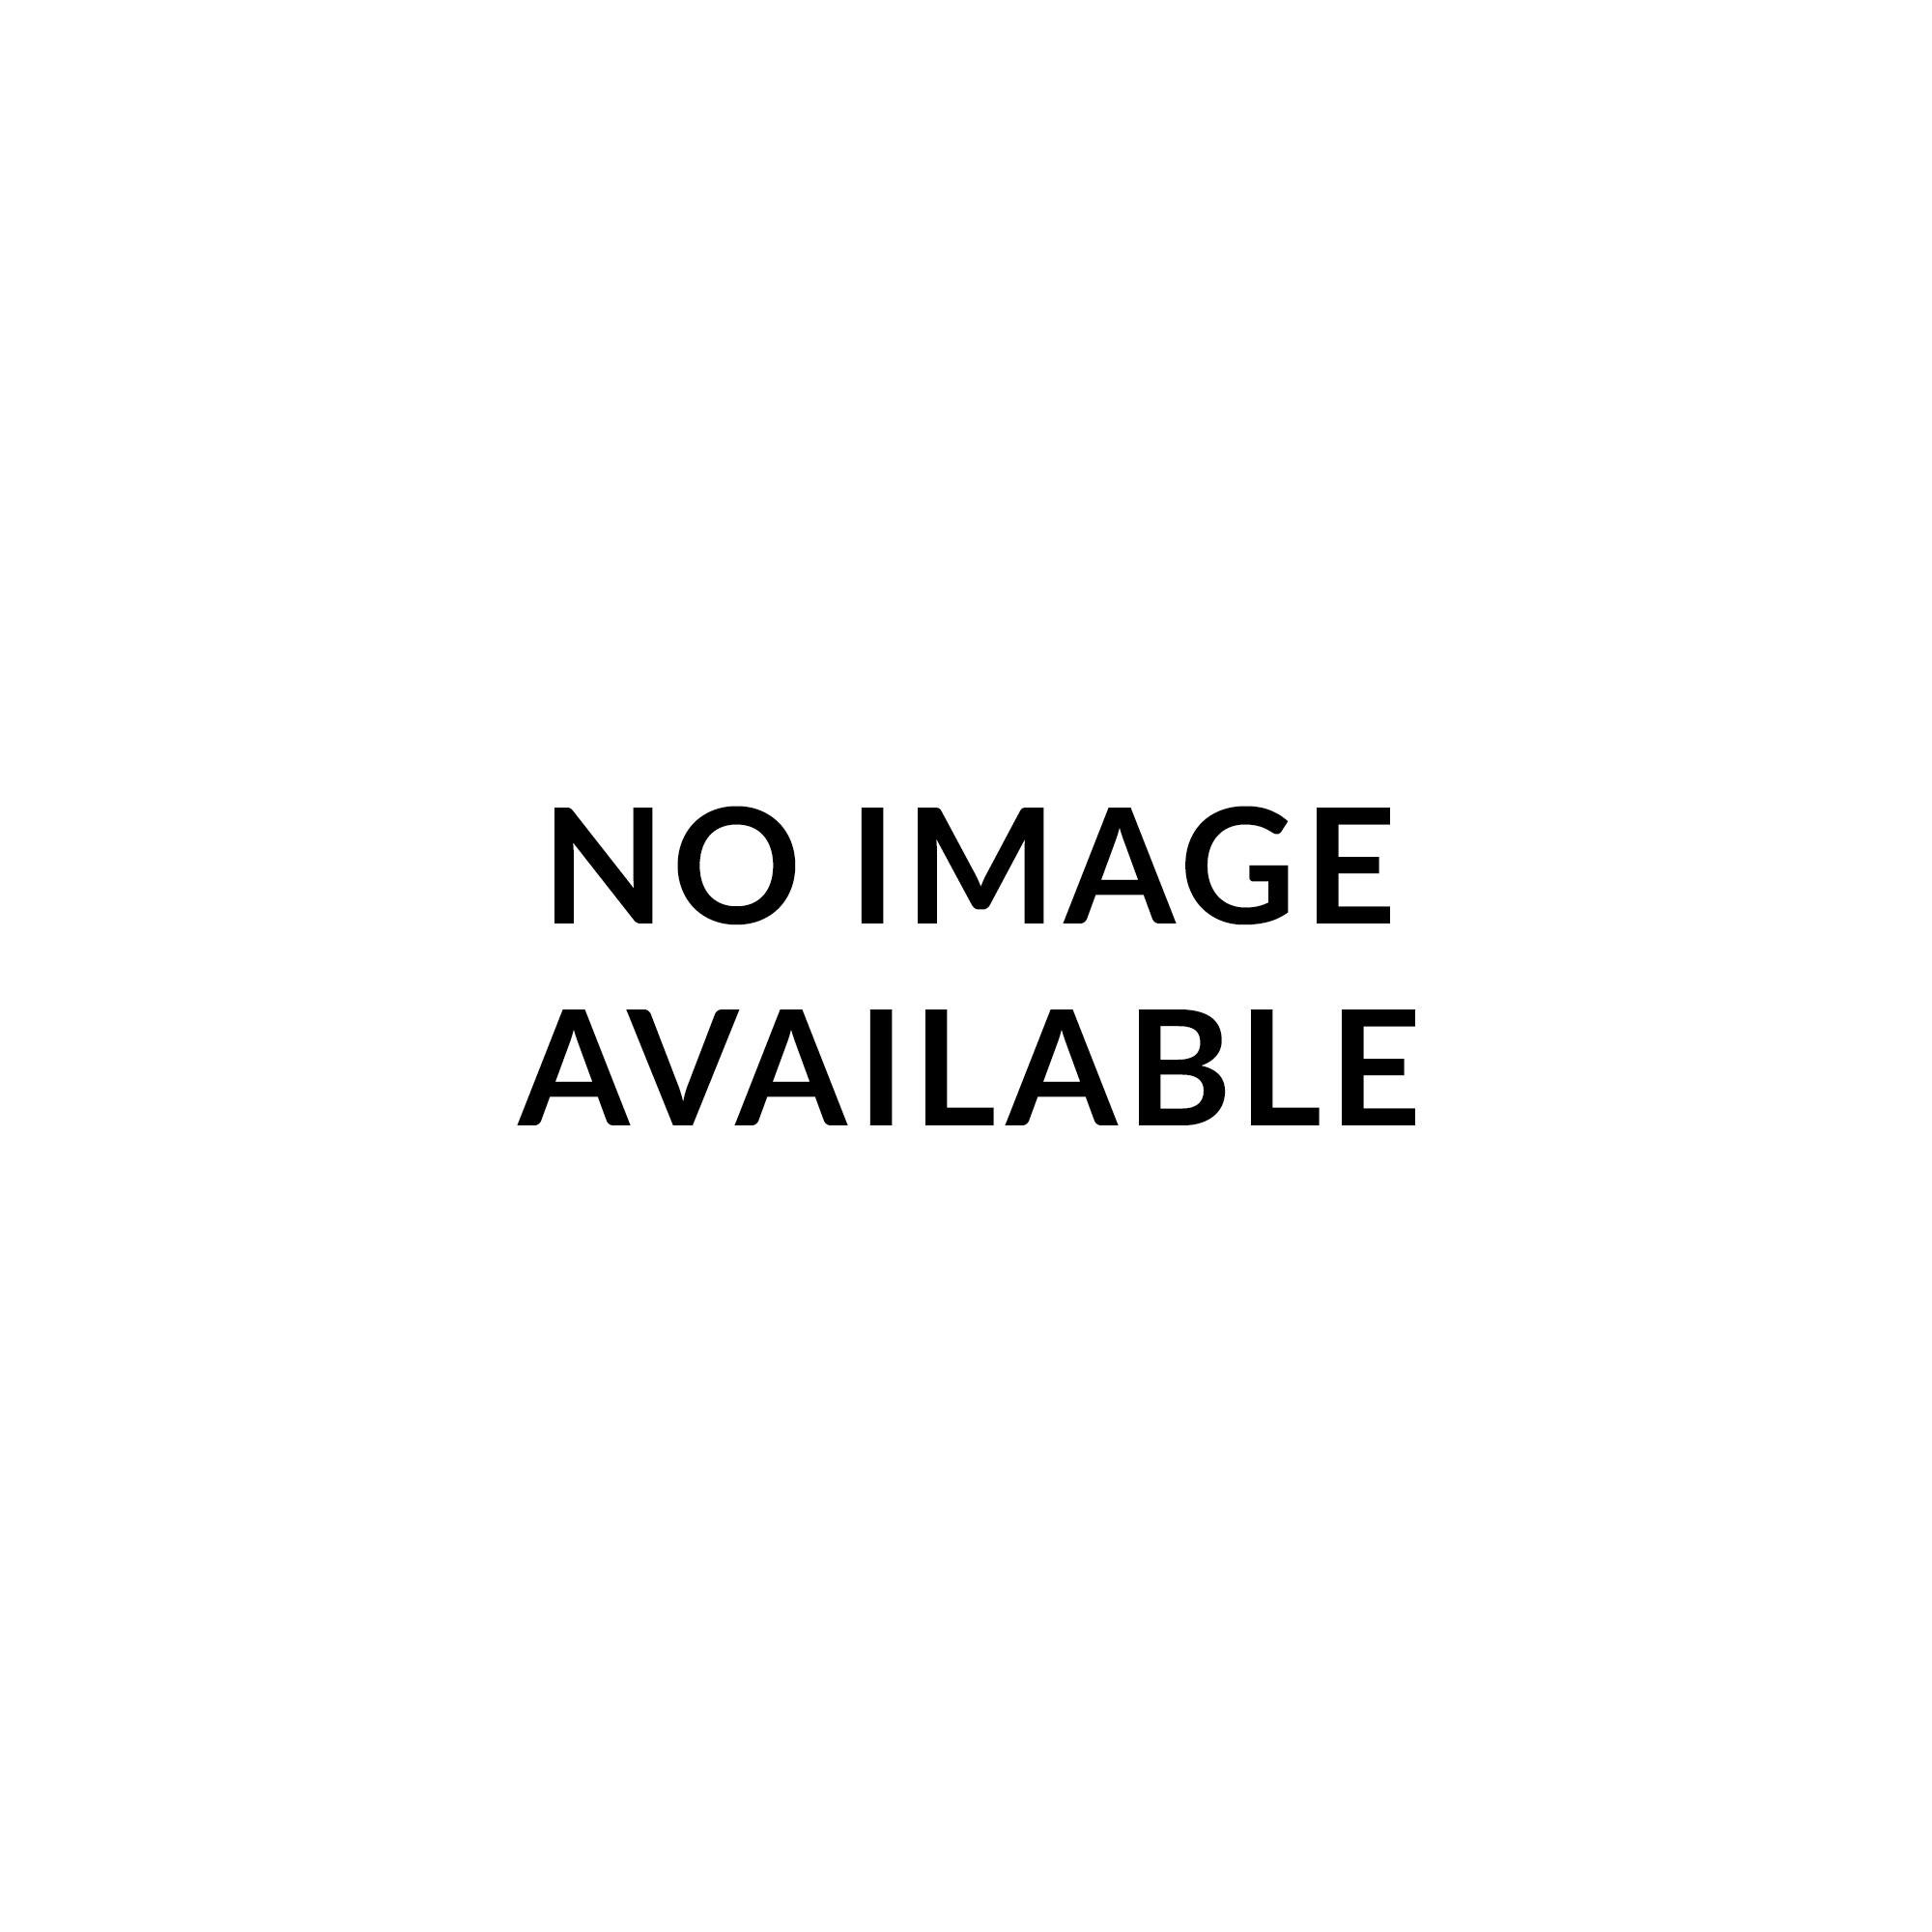 DiMarzio DP155F Tone Zone Bridge F-Space Black Humbucker Pickup